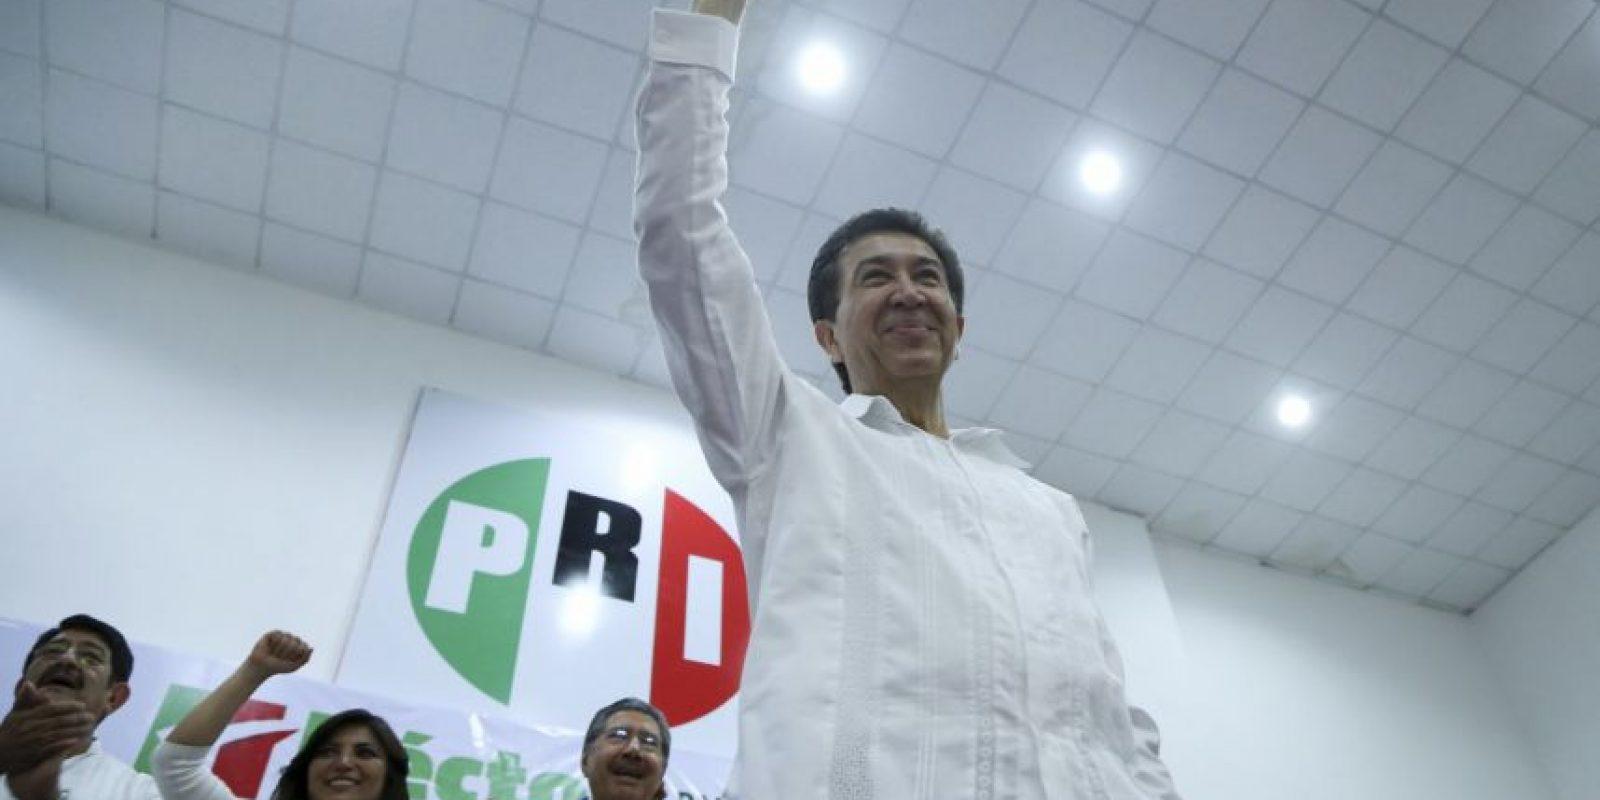 El candidato priista se ubica en segundo lugar Foto:cuartoscuro